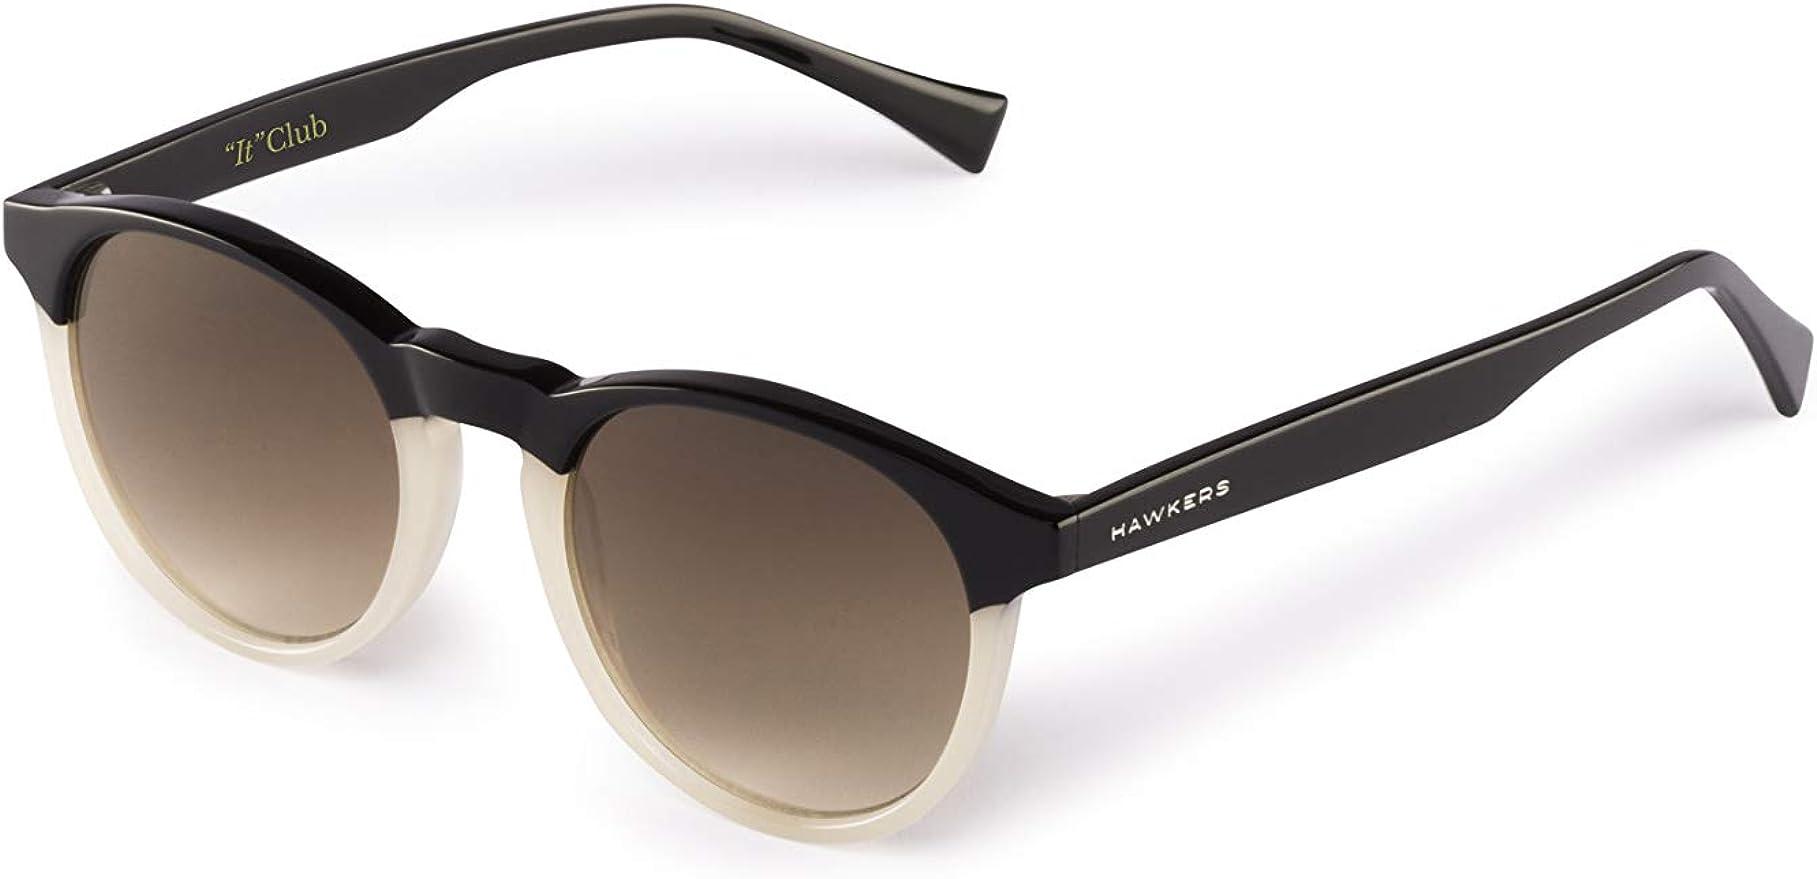 HAWKERS - Gafas de sol para hombre y mujer. BEL-AIR , Marrón ...